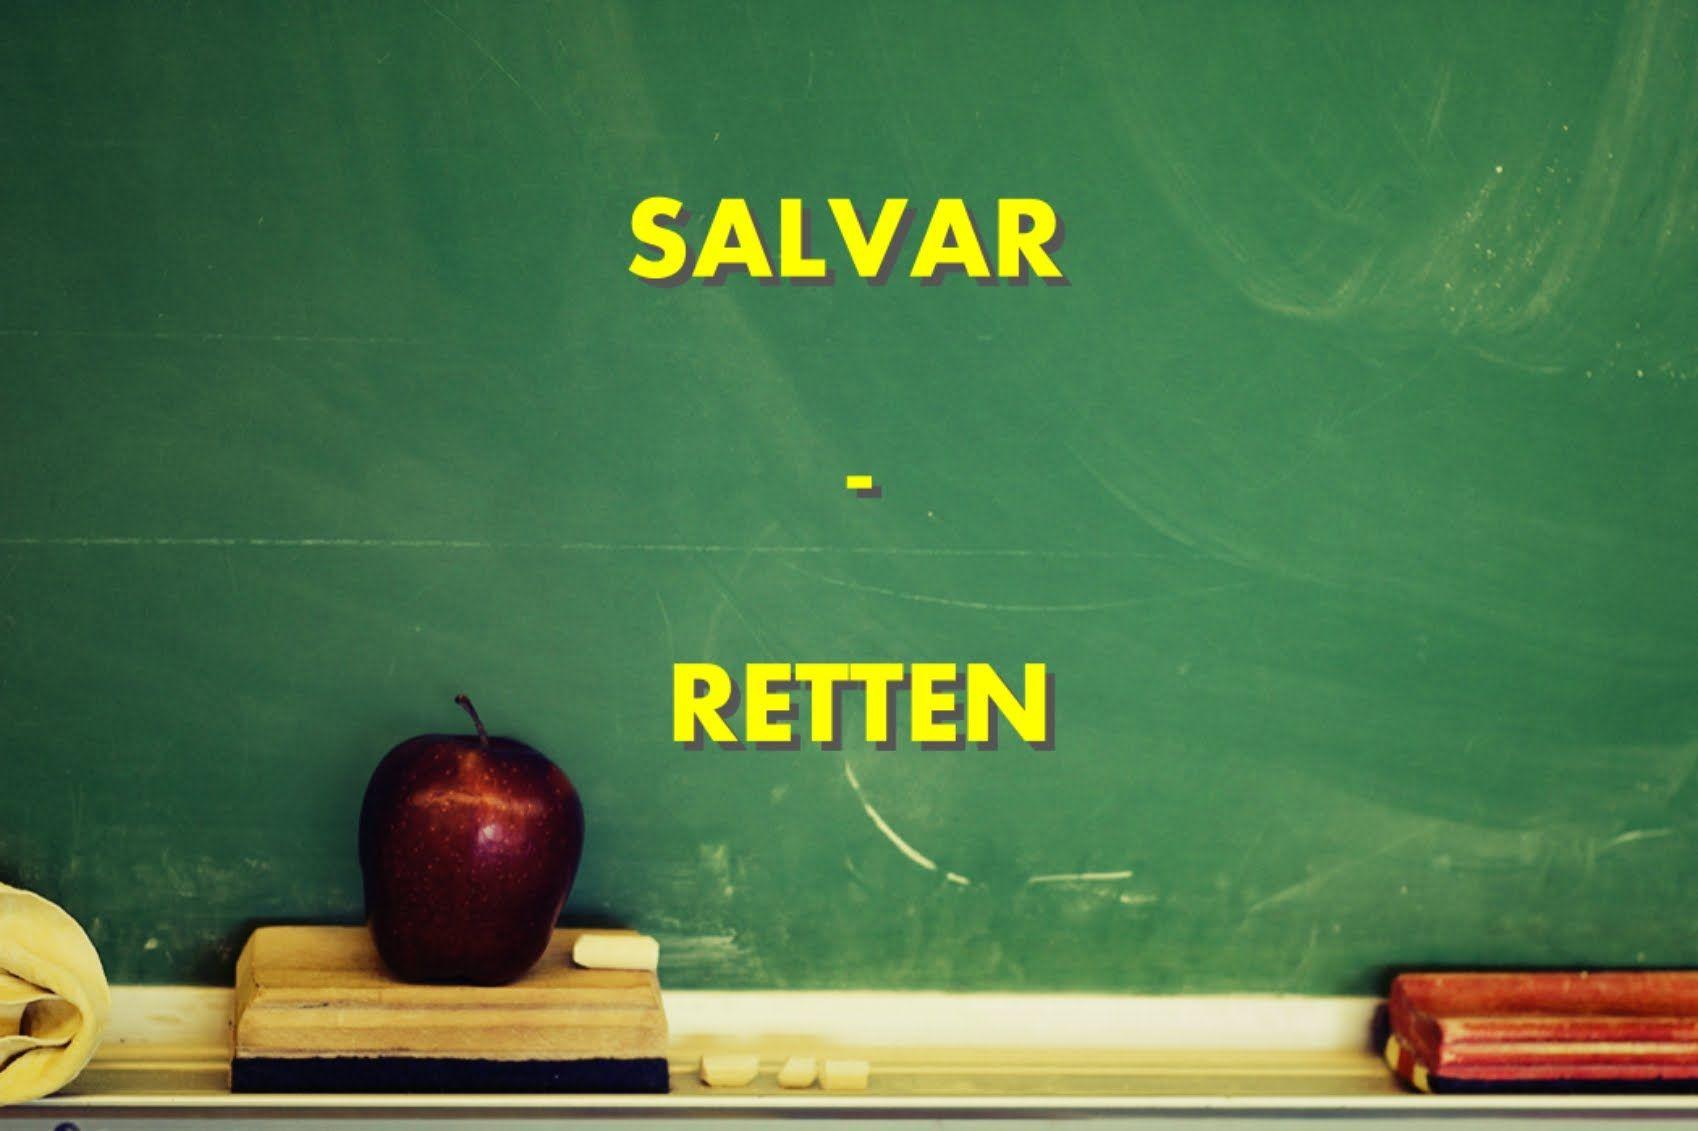 Aprender Alemão - Aula nº 97 (Verbo Salvar no Presente) As minhas redes sociais: Facebook: https://www.facebook.com/alexsousa1989/?fref=ts Instagram: alexsou...